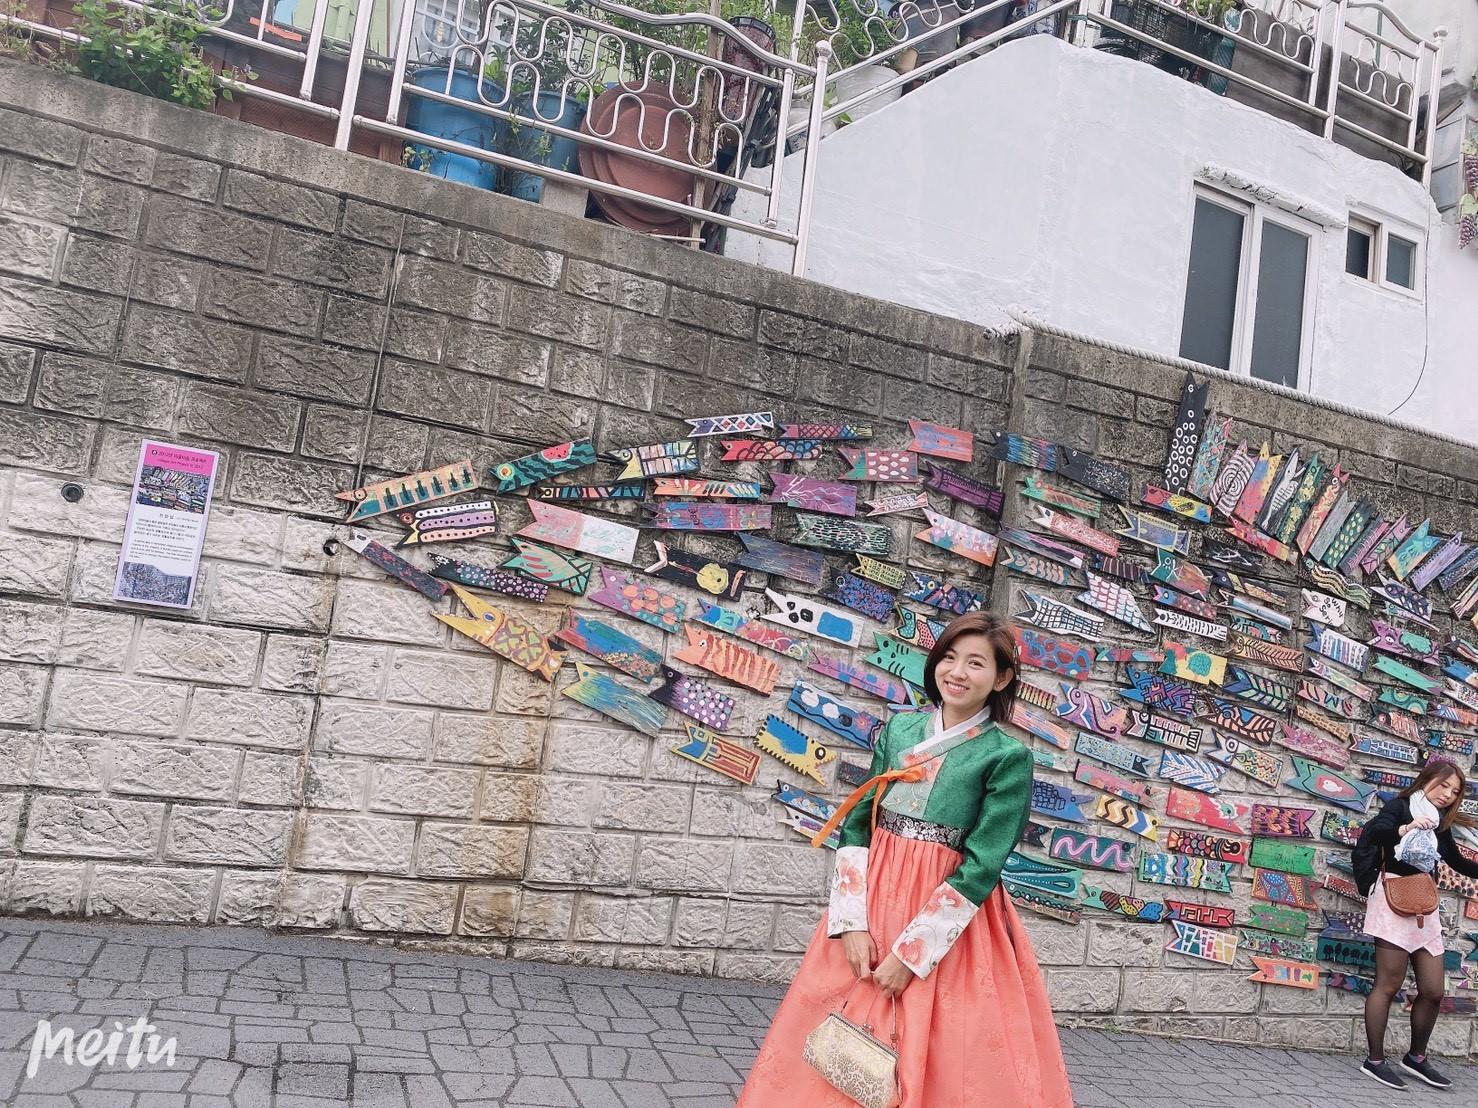 ▲首次韓服體驗,米可白開心在小王子村瘋狂拍照。